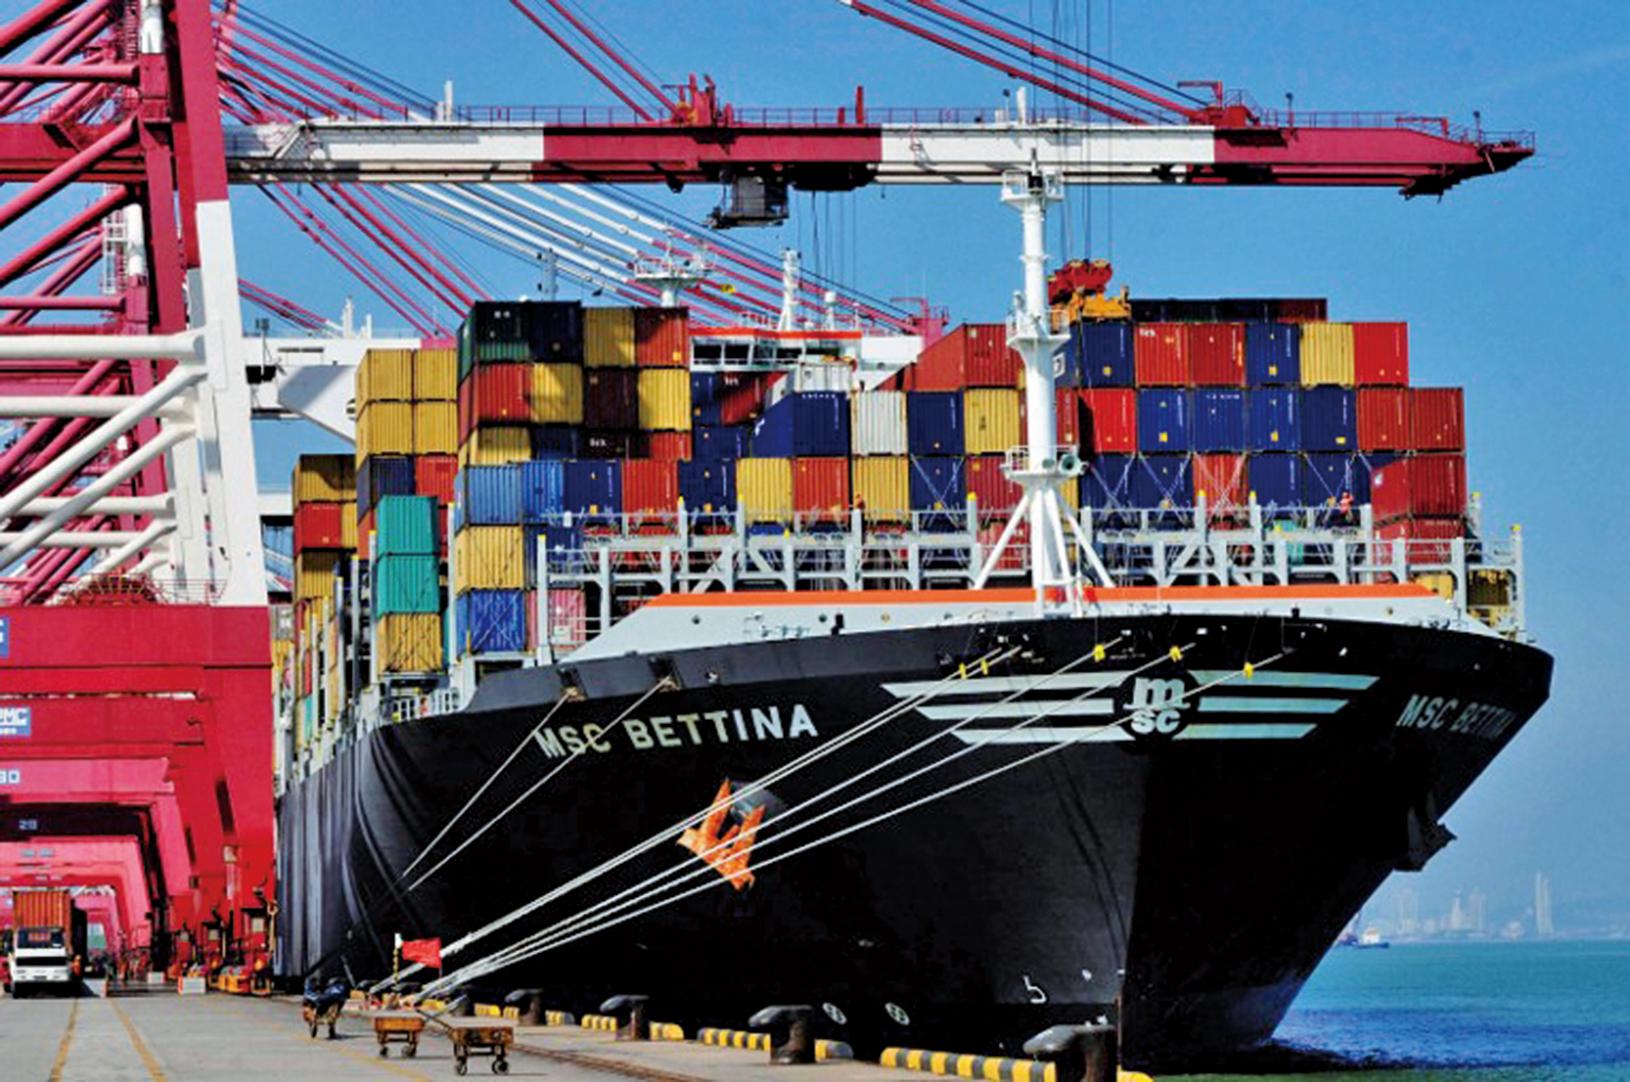 美國總統特朗普表示,對中國進口商品徵收高額關稅的策略奏效,北京正在與美國進行貿易協商。(AFP)